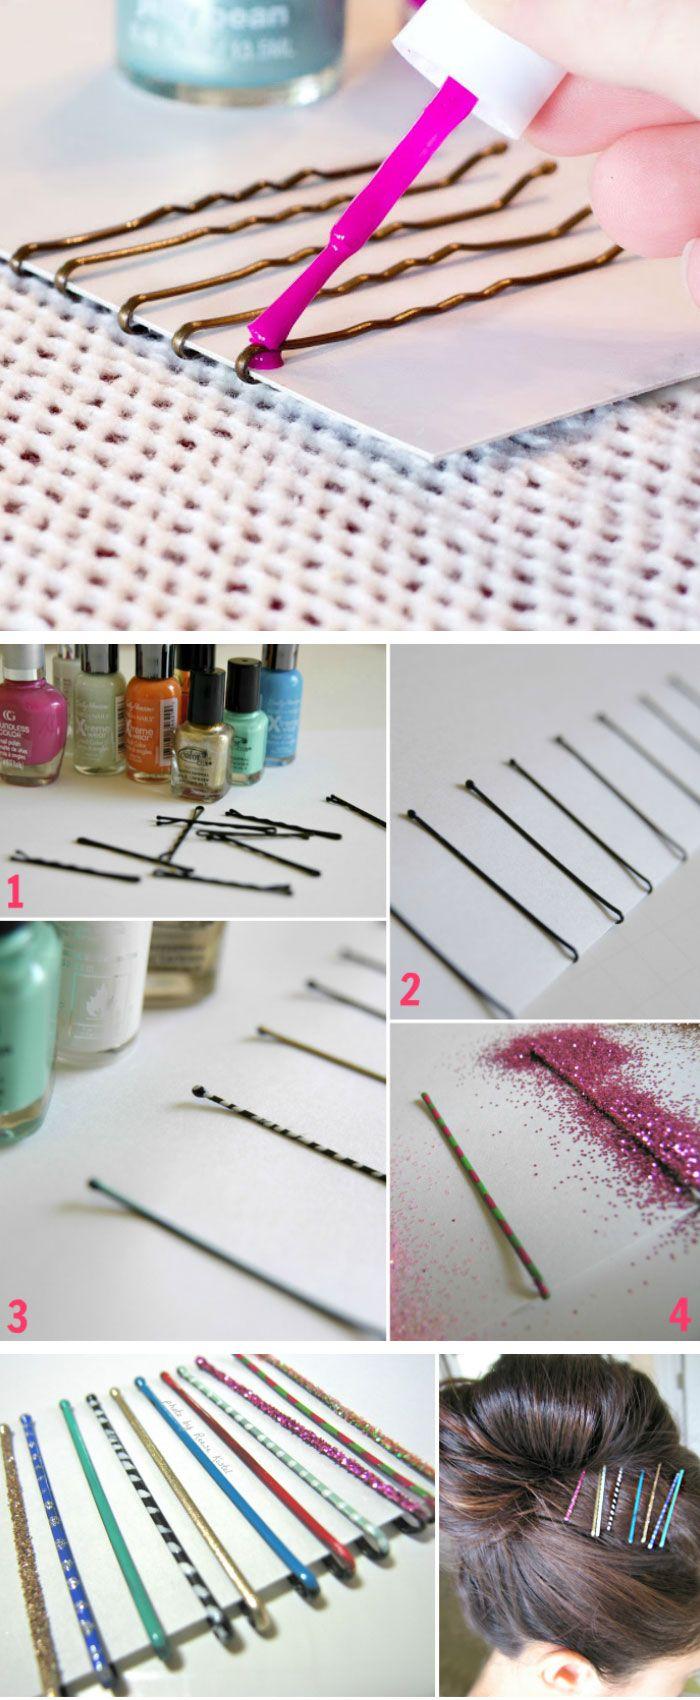 Måla hårnålar med nagellack